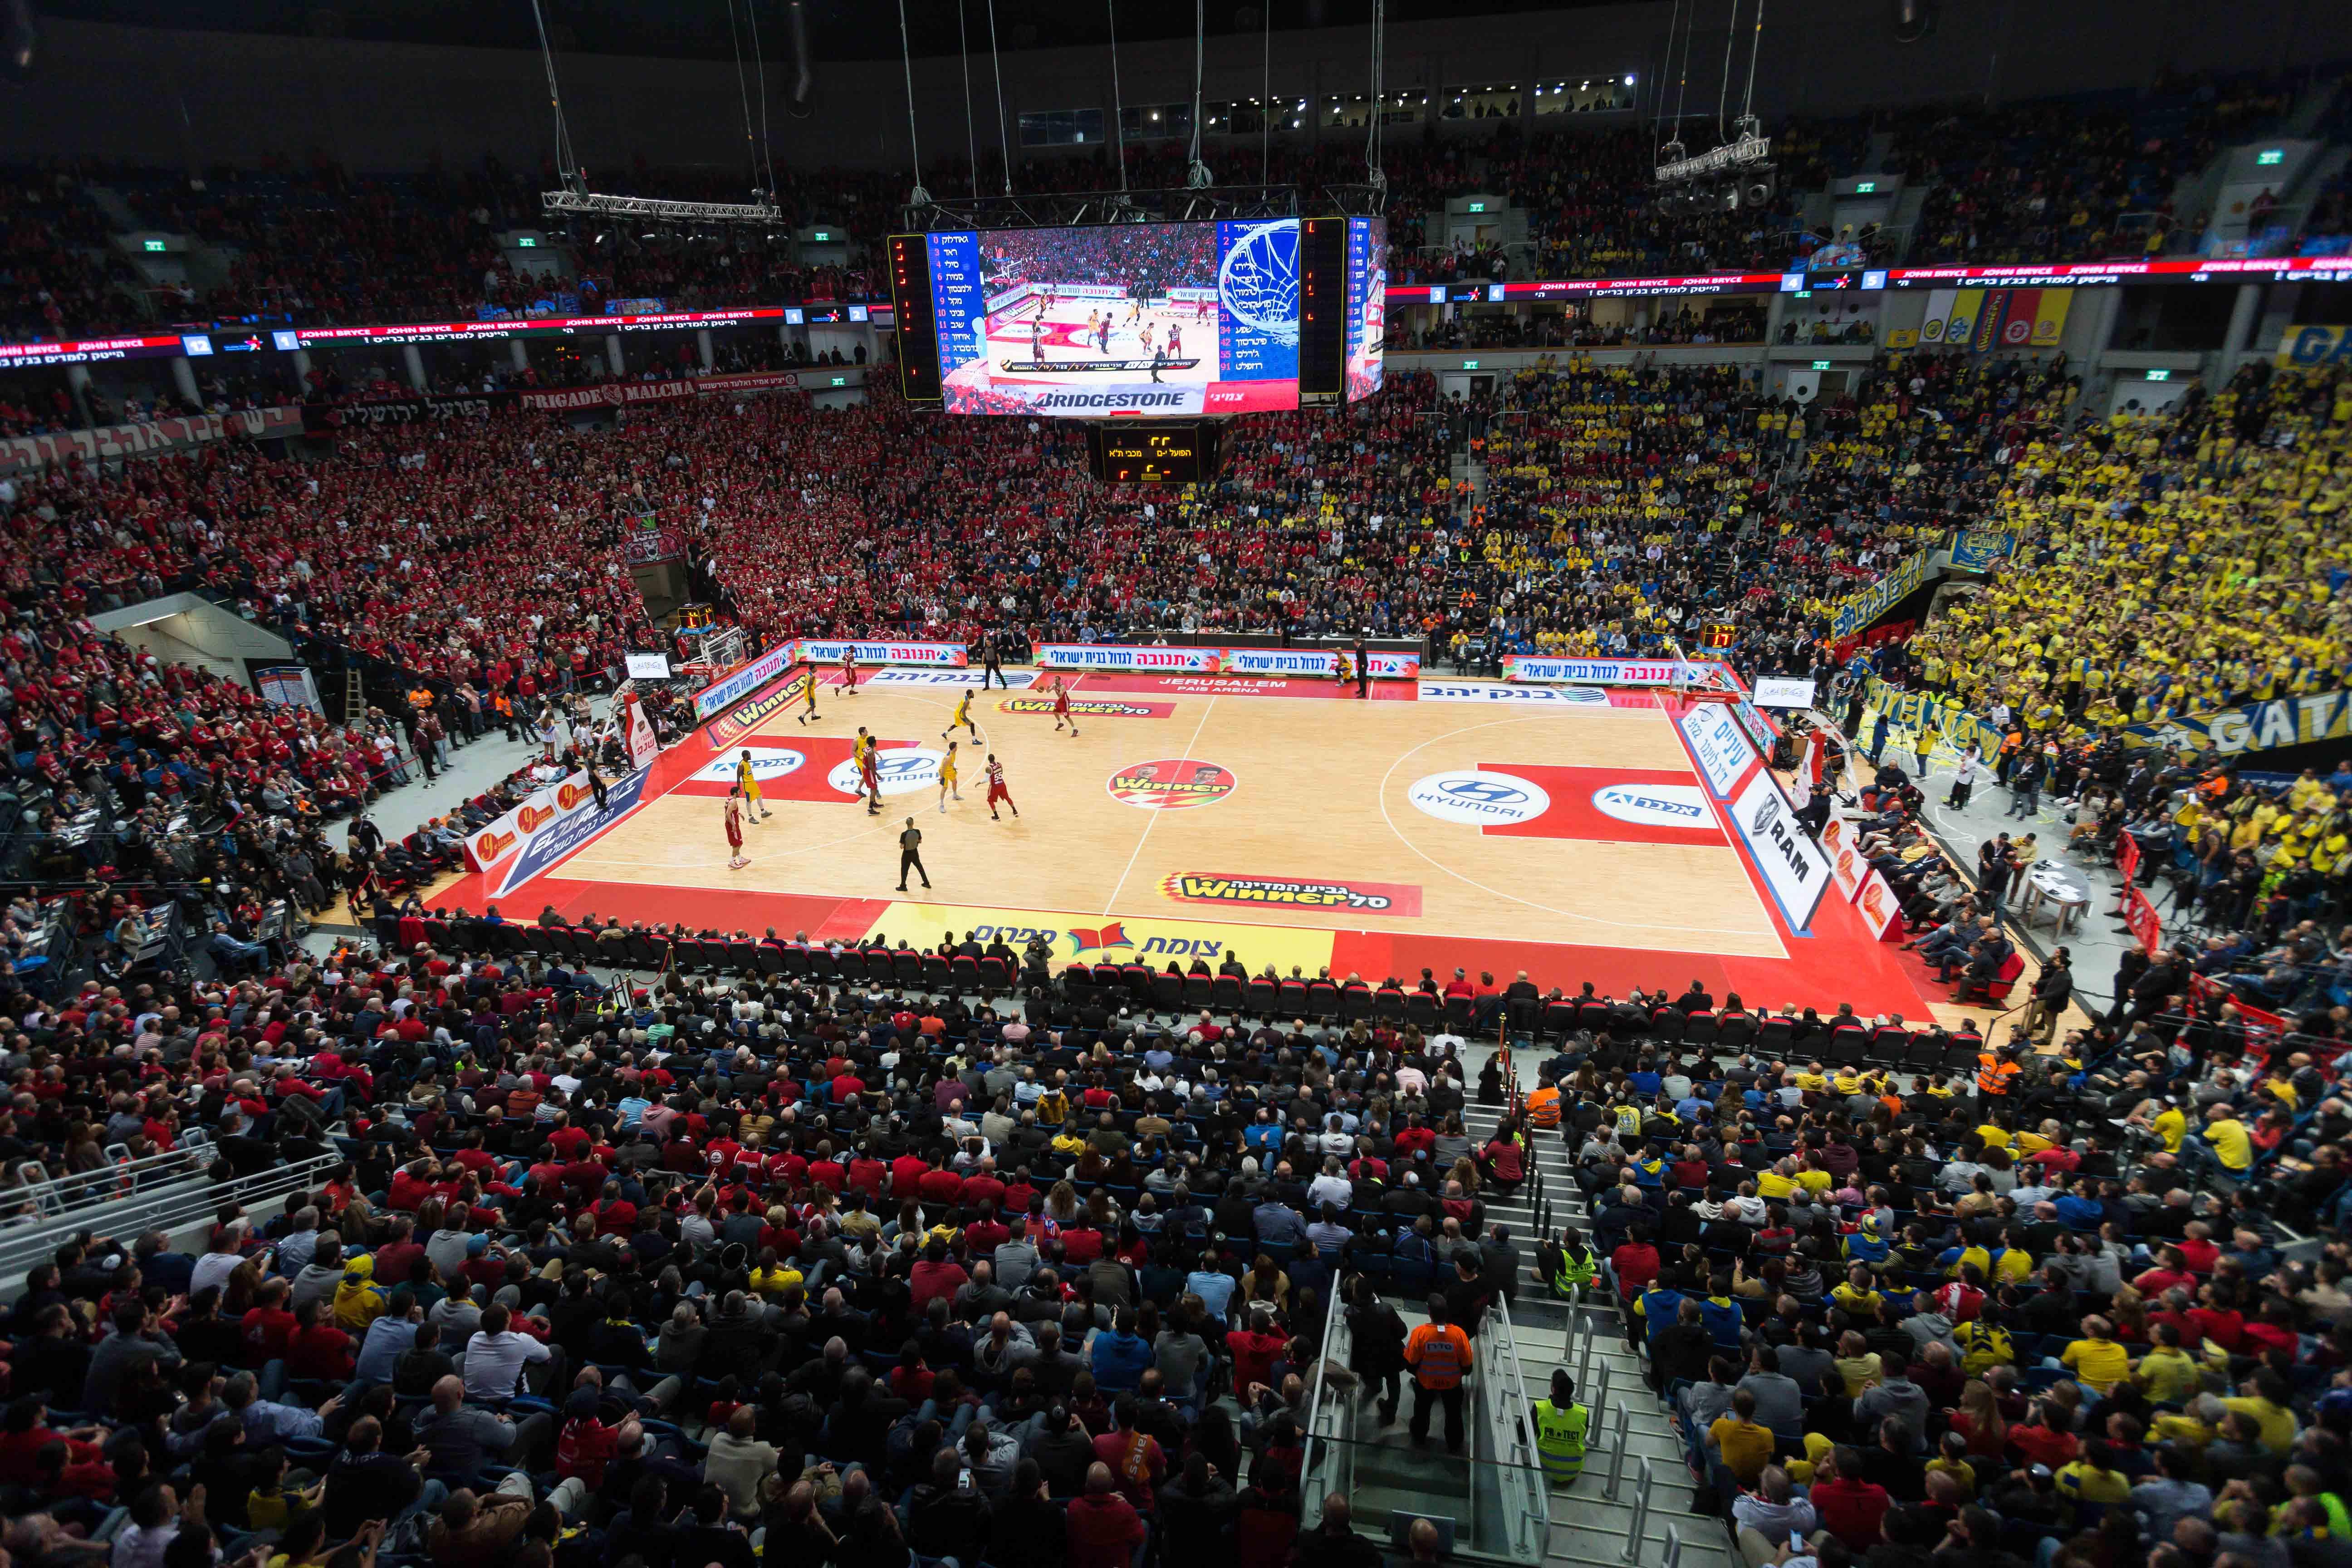 גמר הגביע יתקיים השנה בארנה פיס בירושלים. הגרלת רבע הגמר בשבוע הבא